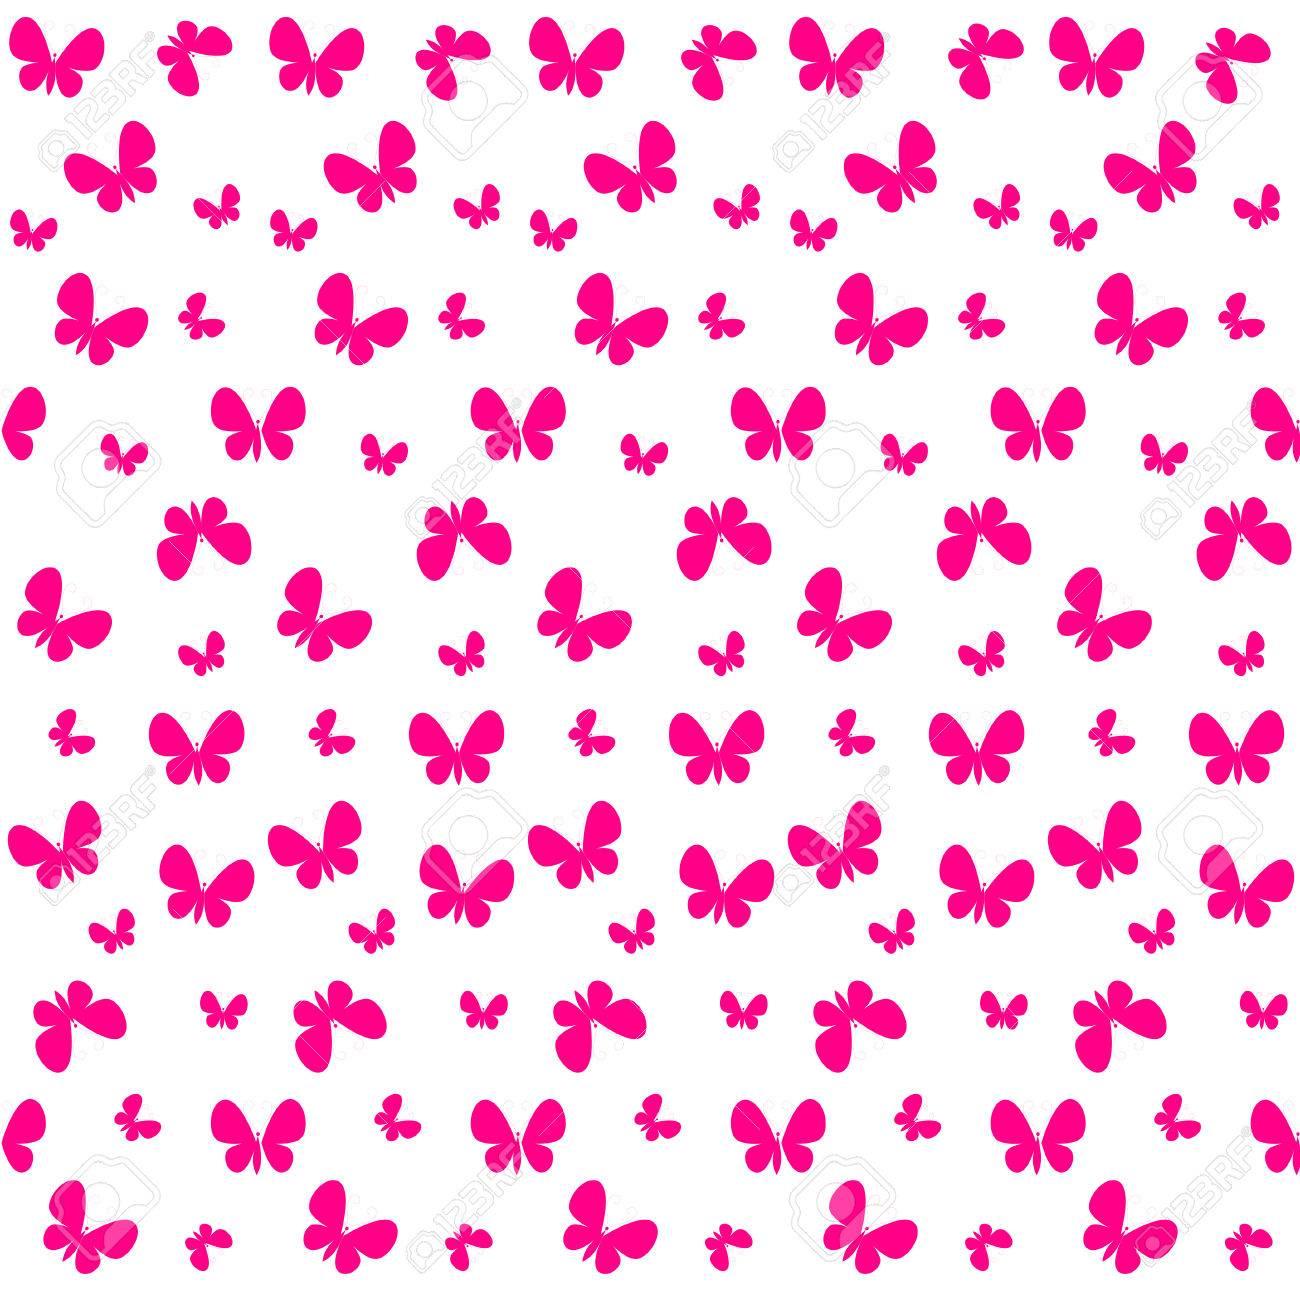 Vettoriale Carino Seamless Con Farfalle Rosa Può Essere